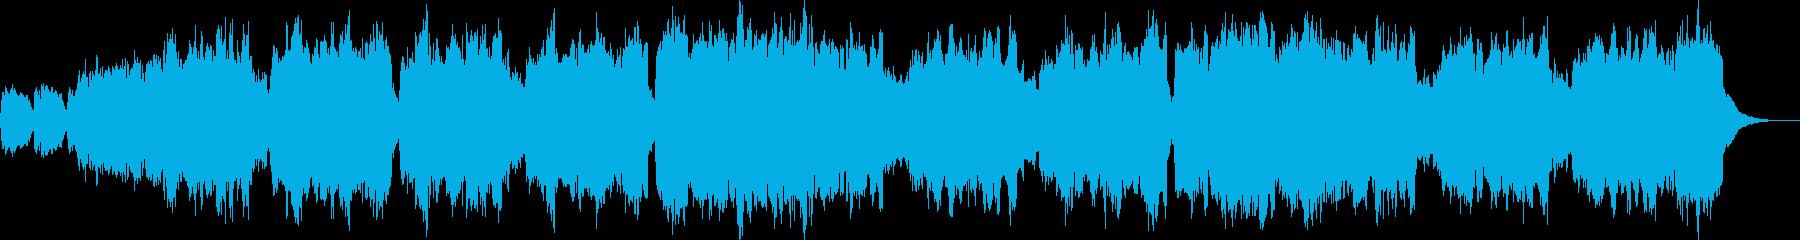 【BGM】結婚式入場01(オルガン)の再生済みの波形